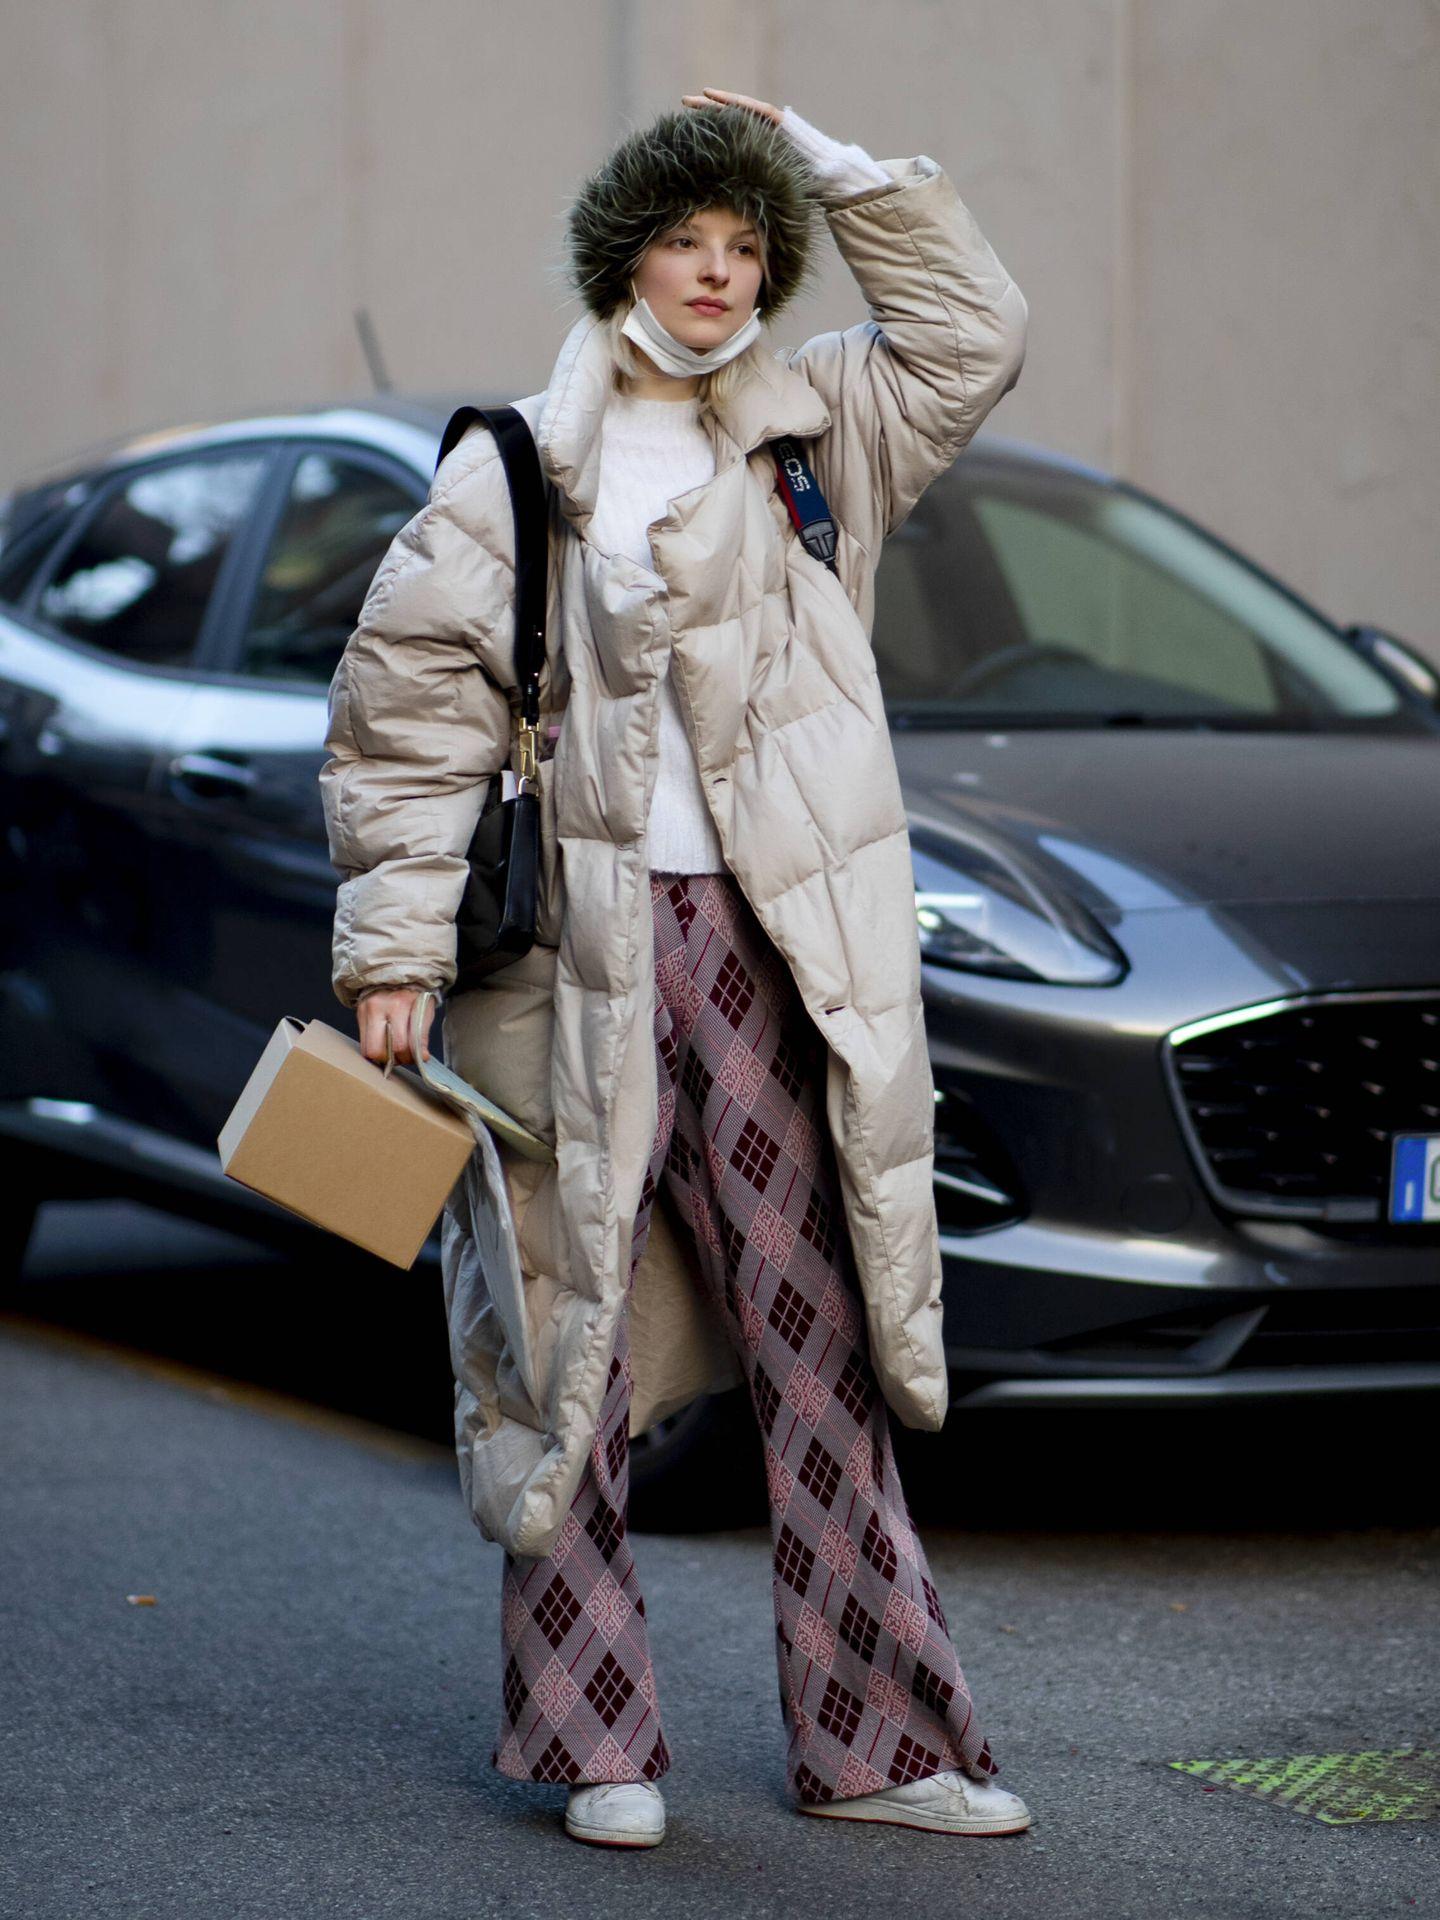 Los abrigos acolchados se imponen en el street style. (Imaxtree)